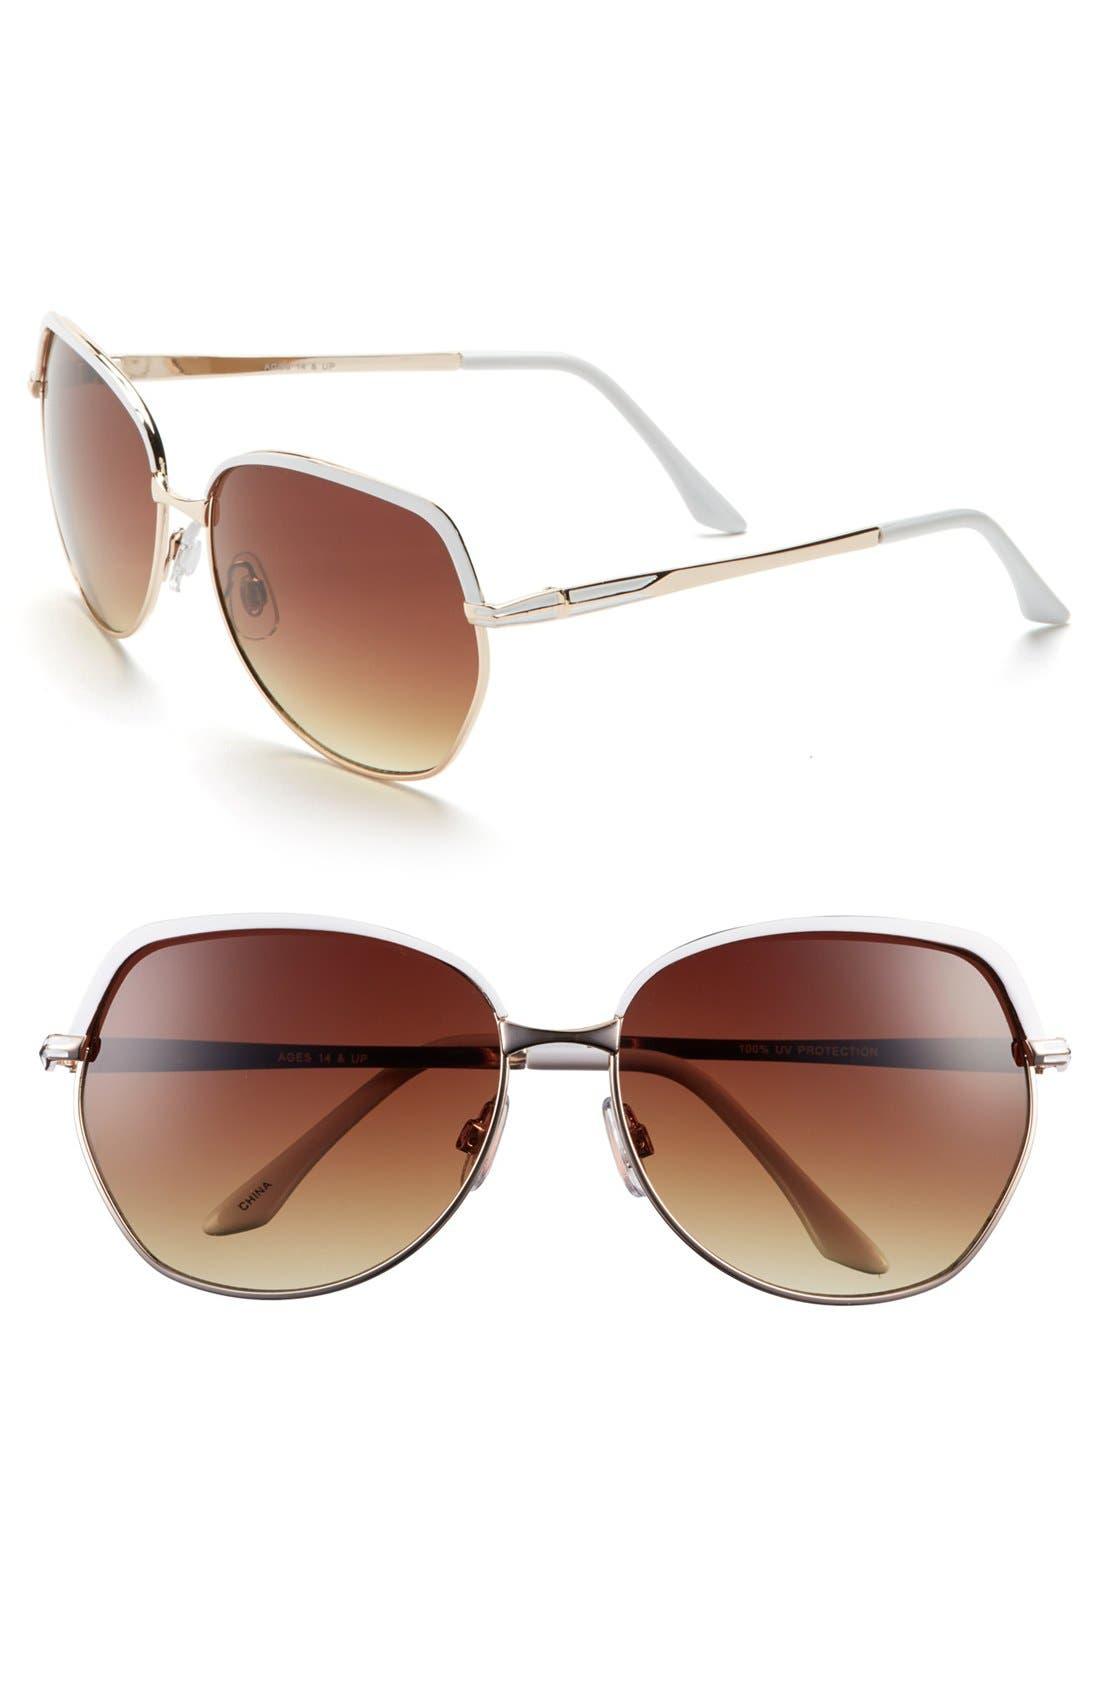 Main Image - Fantas Eyes 'Incognito' 62mm Sunglasses (Juniors)